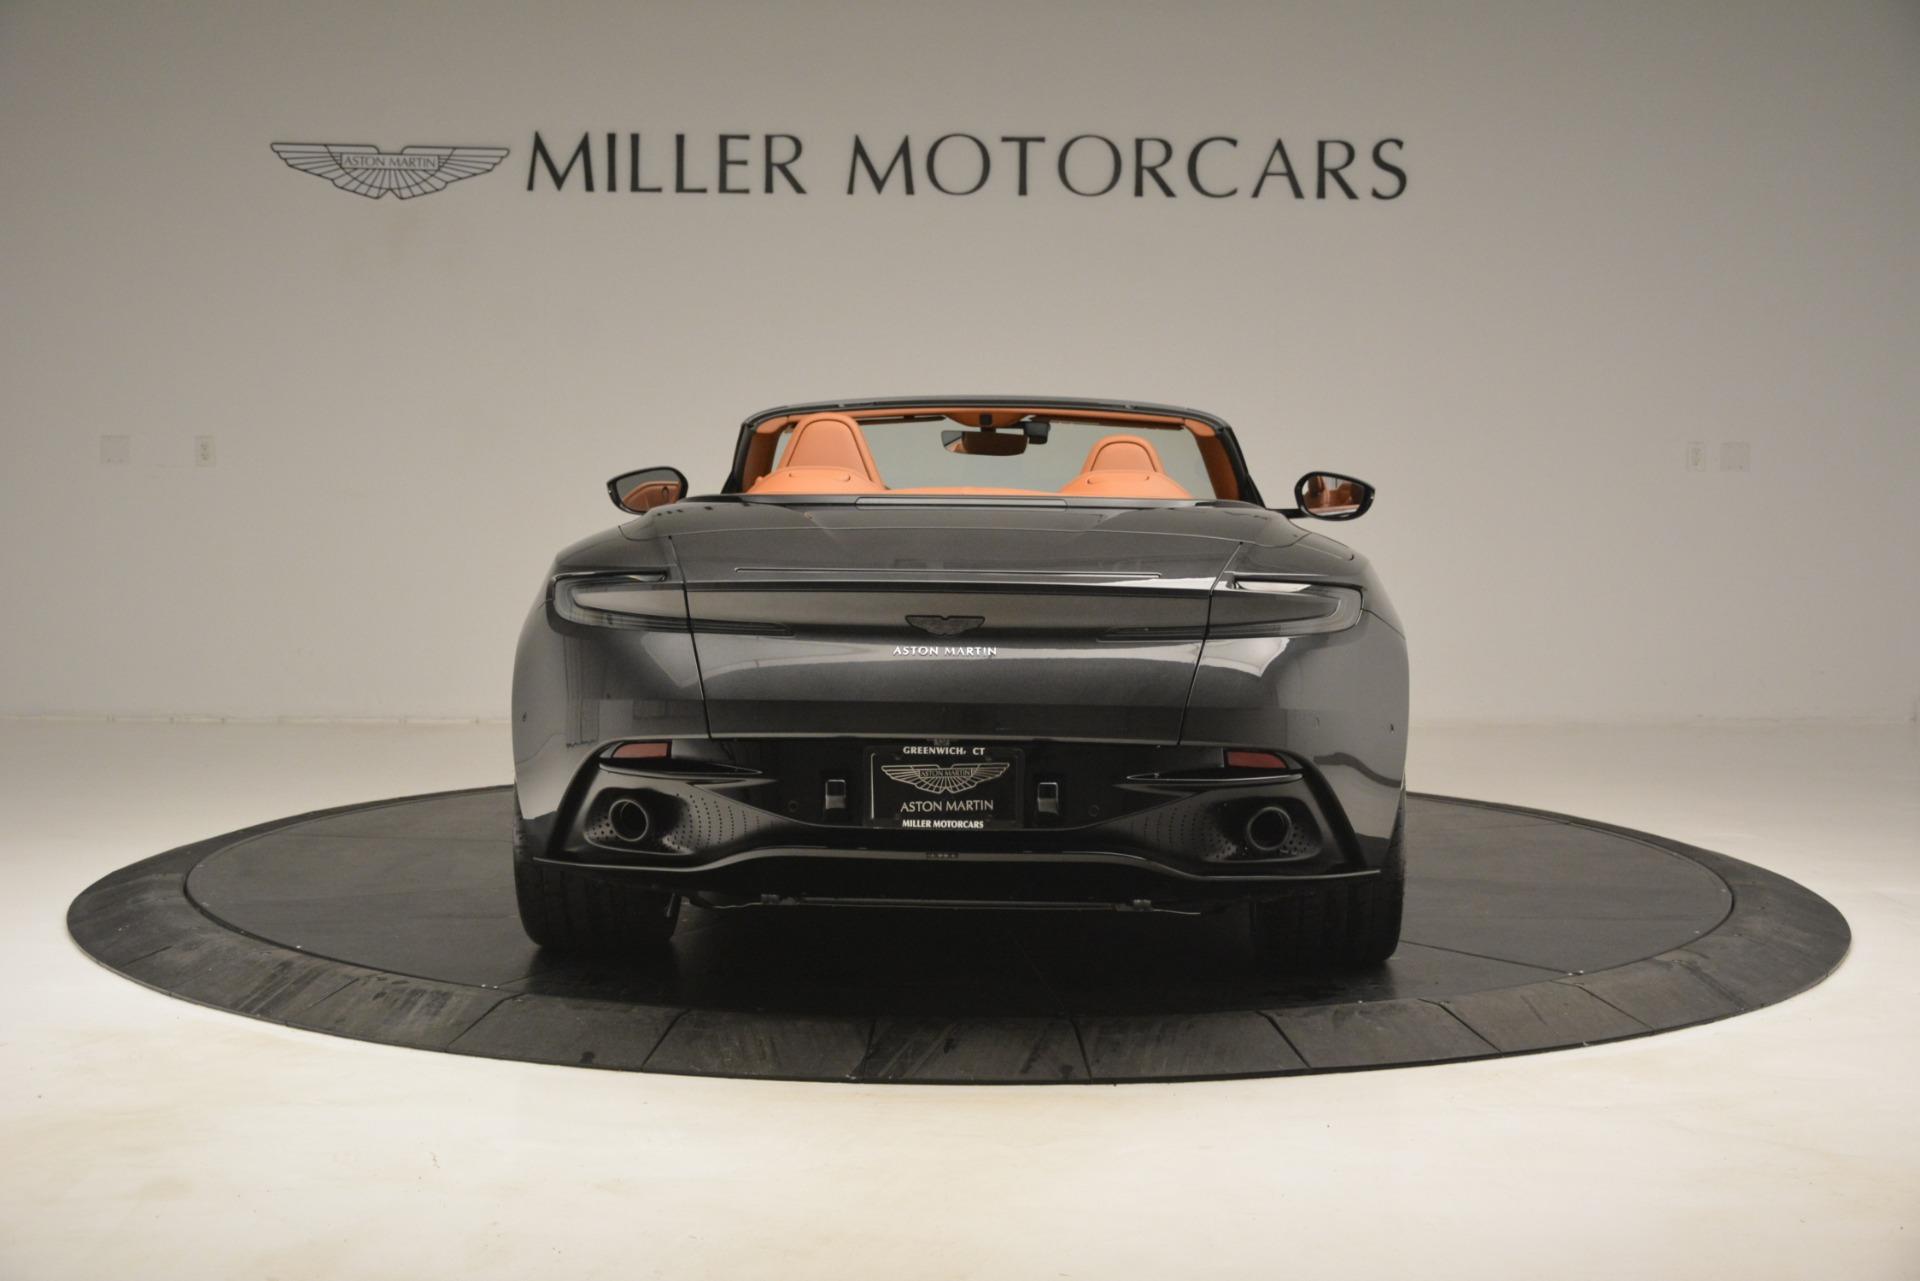 Used 2019 Aston Martin DB11 V8 Volante For Sale In Greenwich, CT 3434_p5